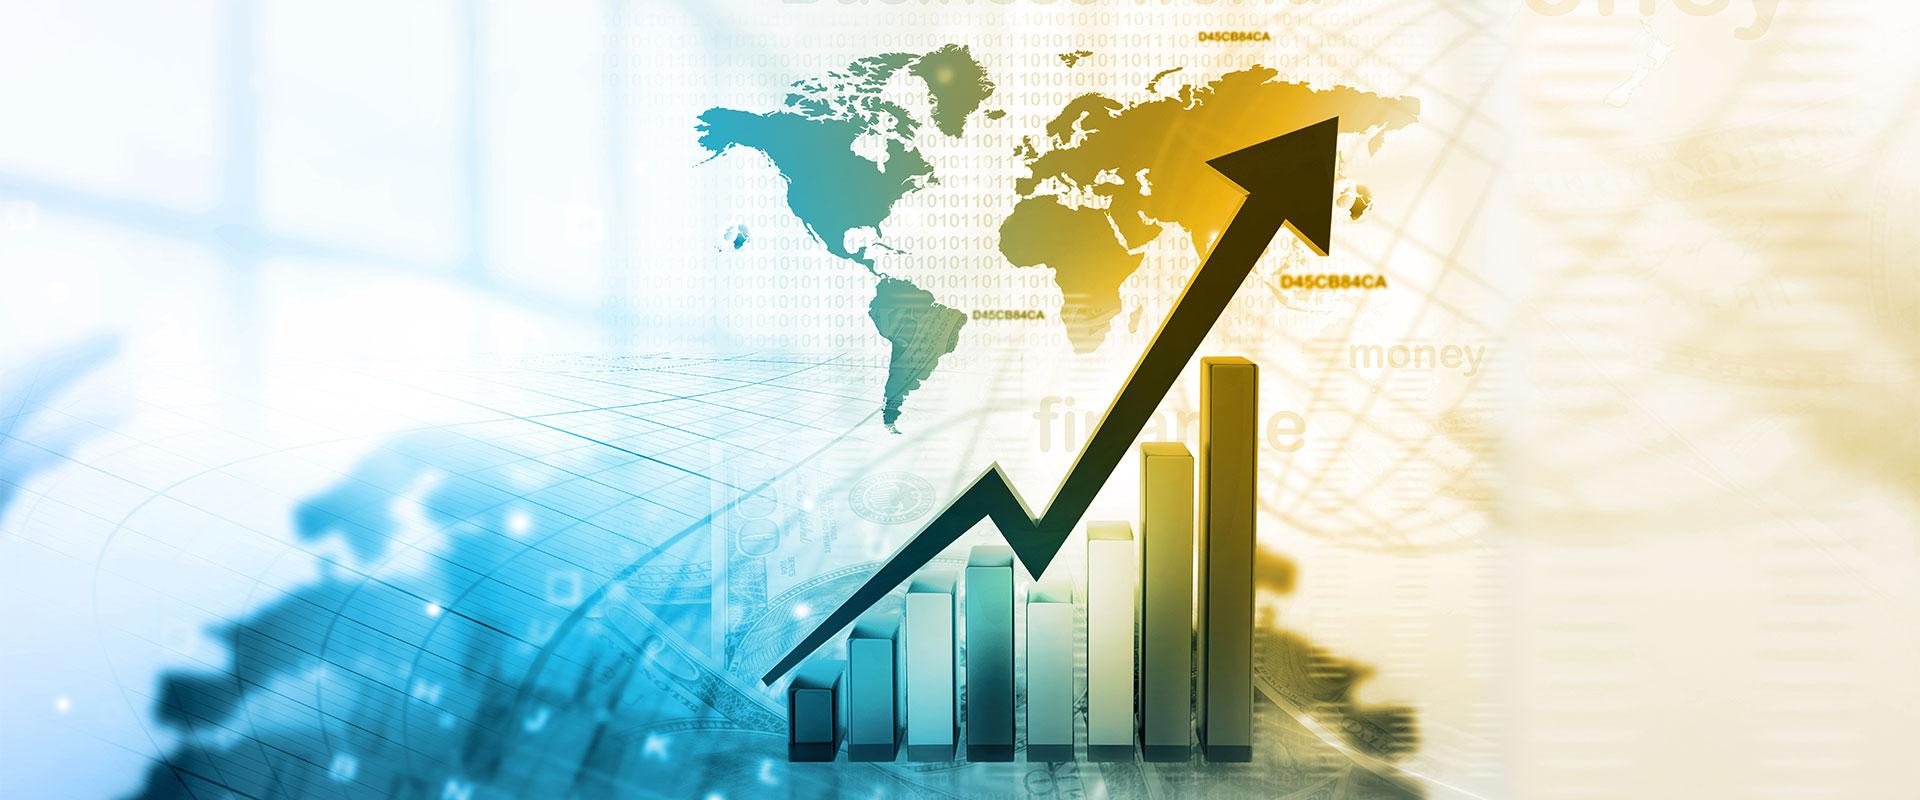 Börsen Information: Juli 2018